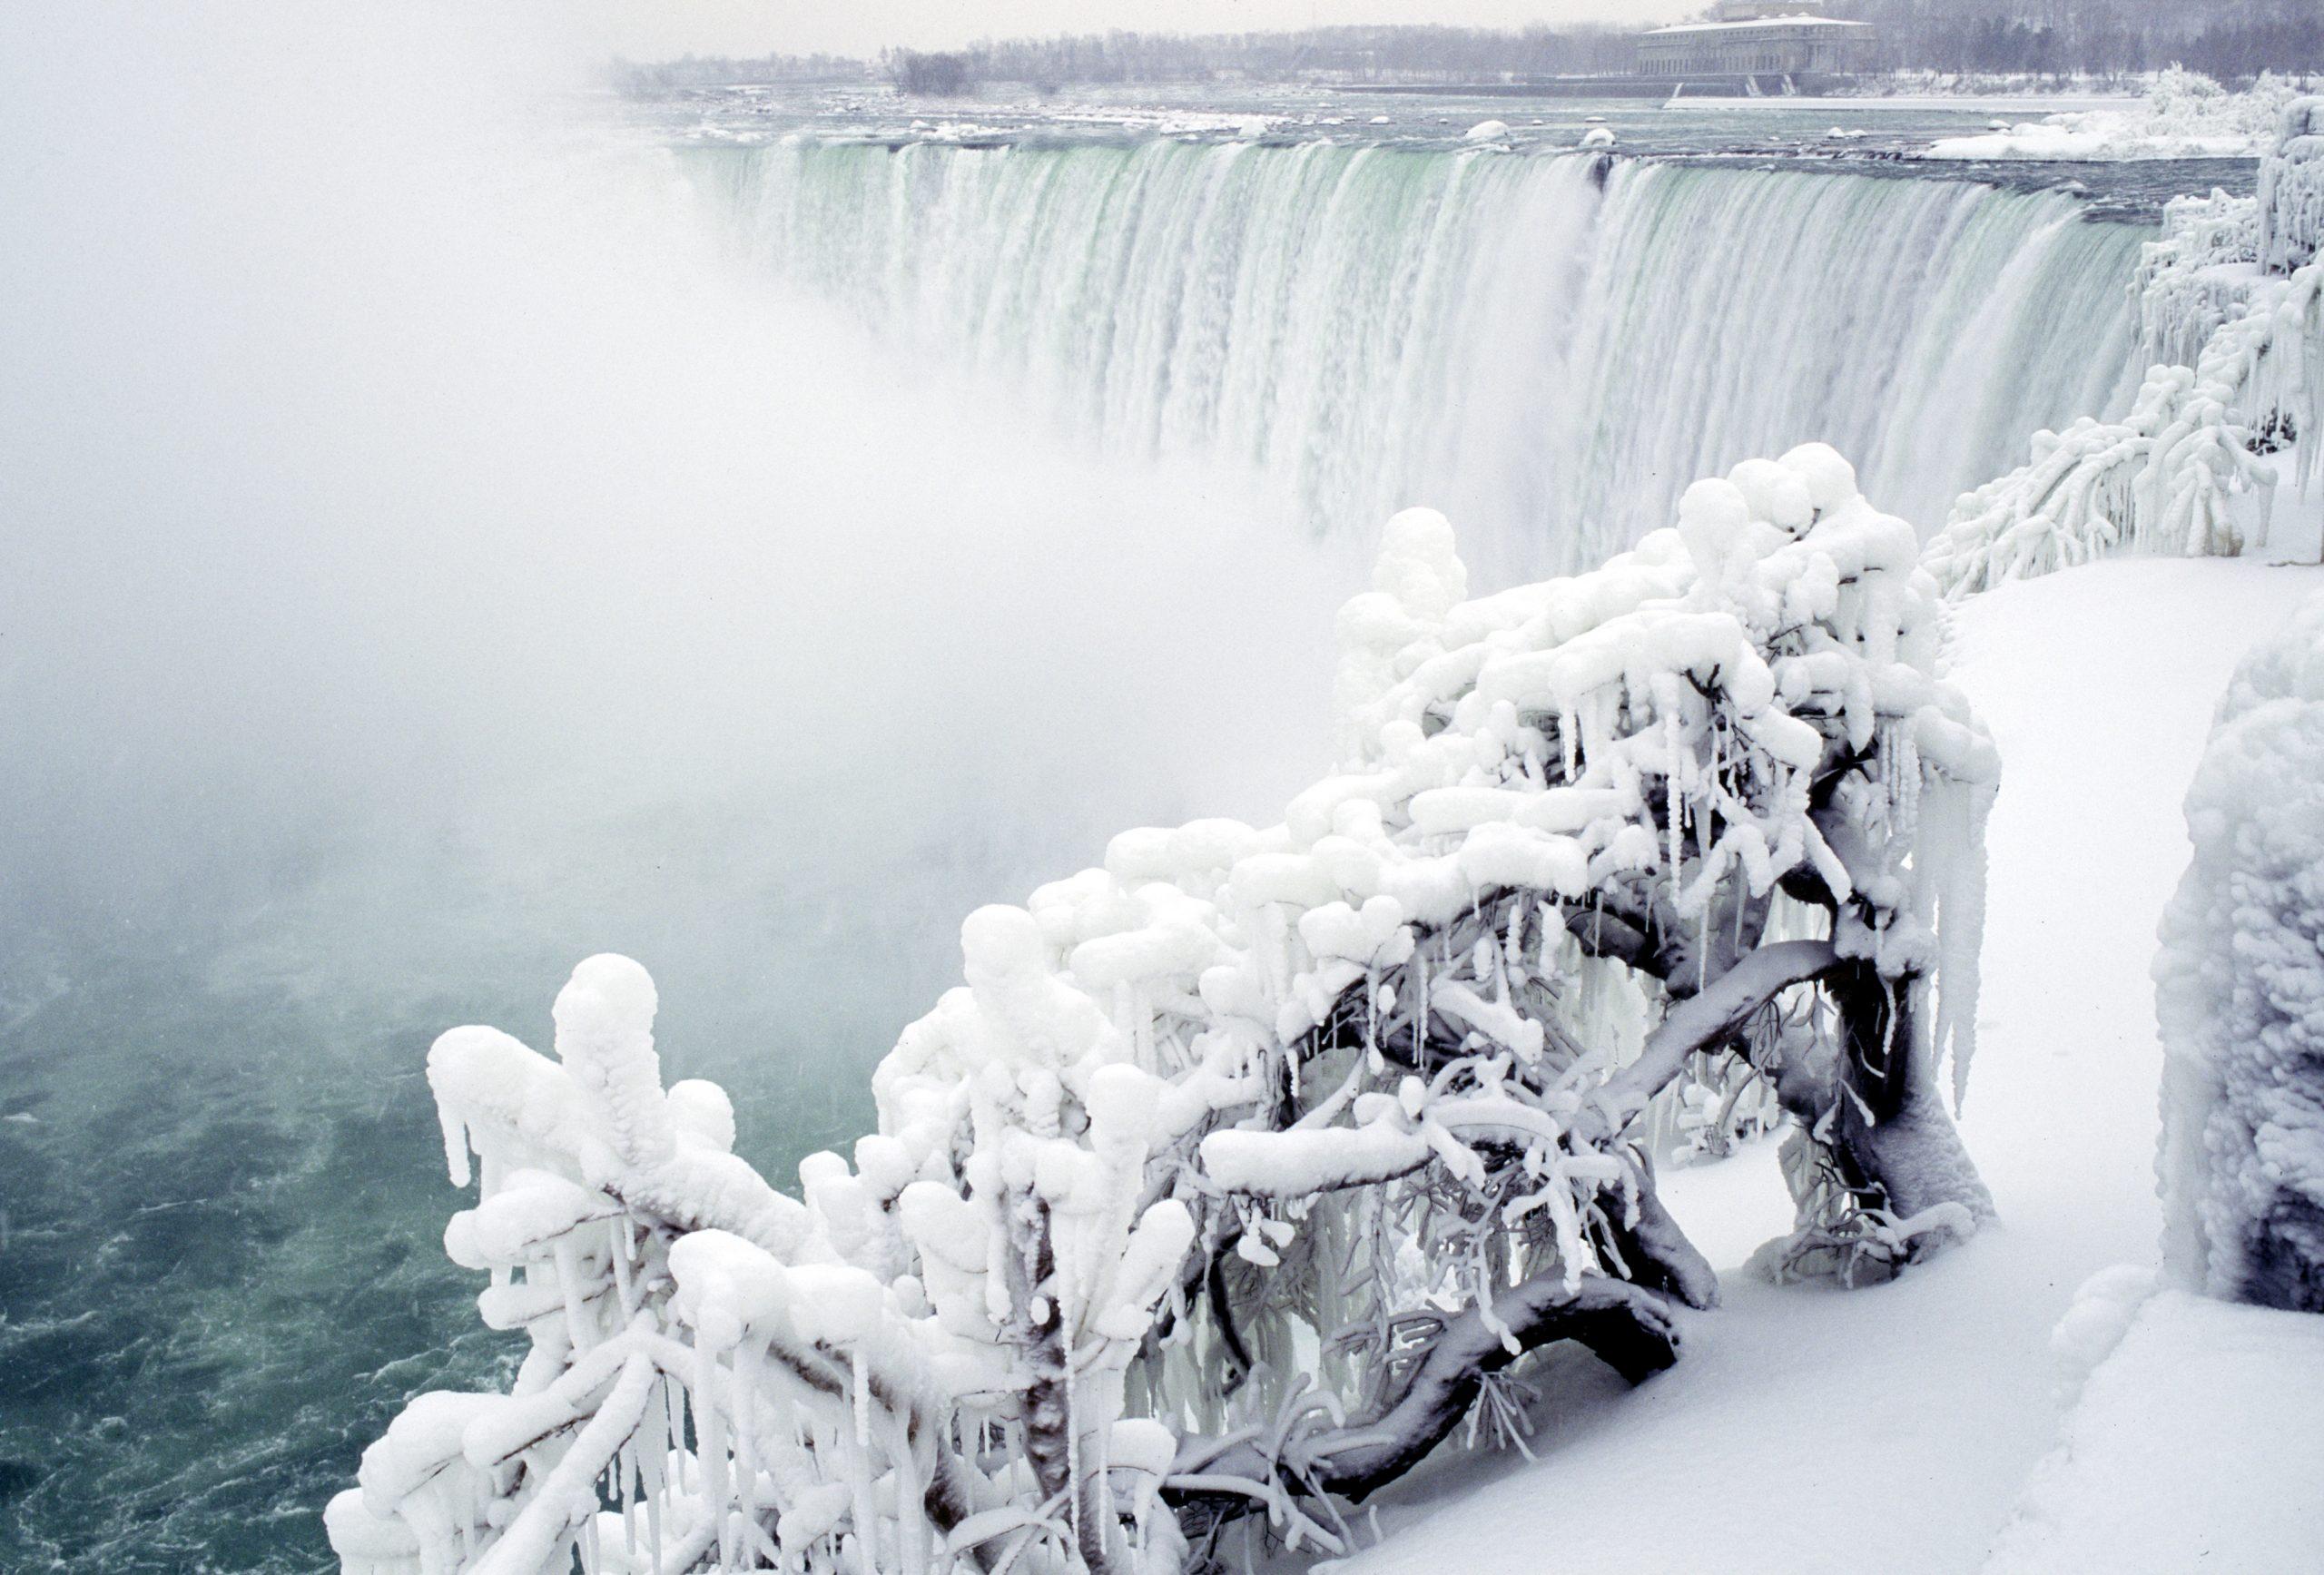 Snow scene of Niagara Fall